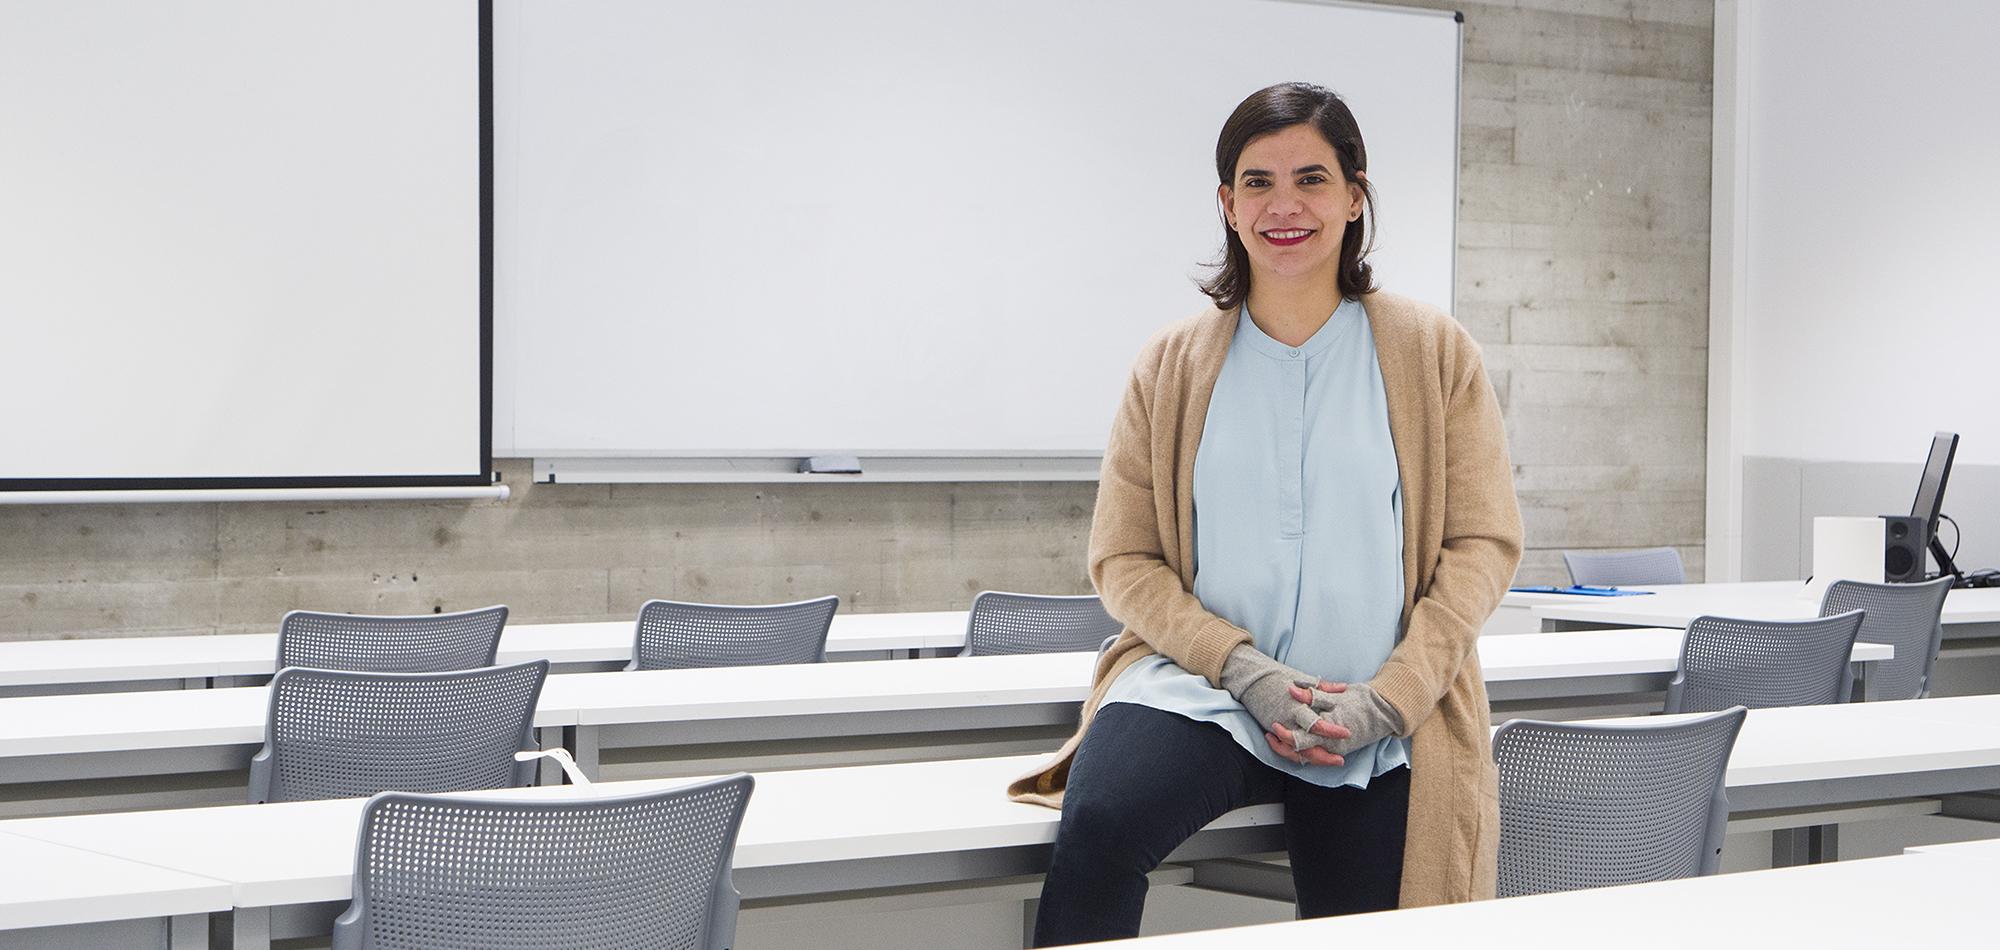 La profesora María Antonieta Azcárate comenta sus impresiones tras impartir la asignatura Producción Audiovisual